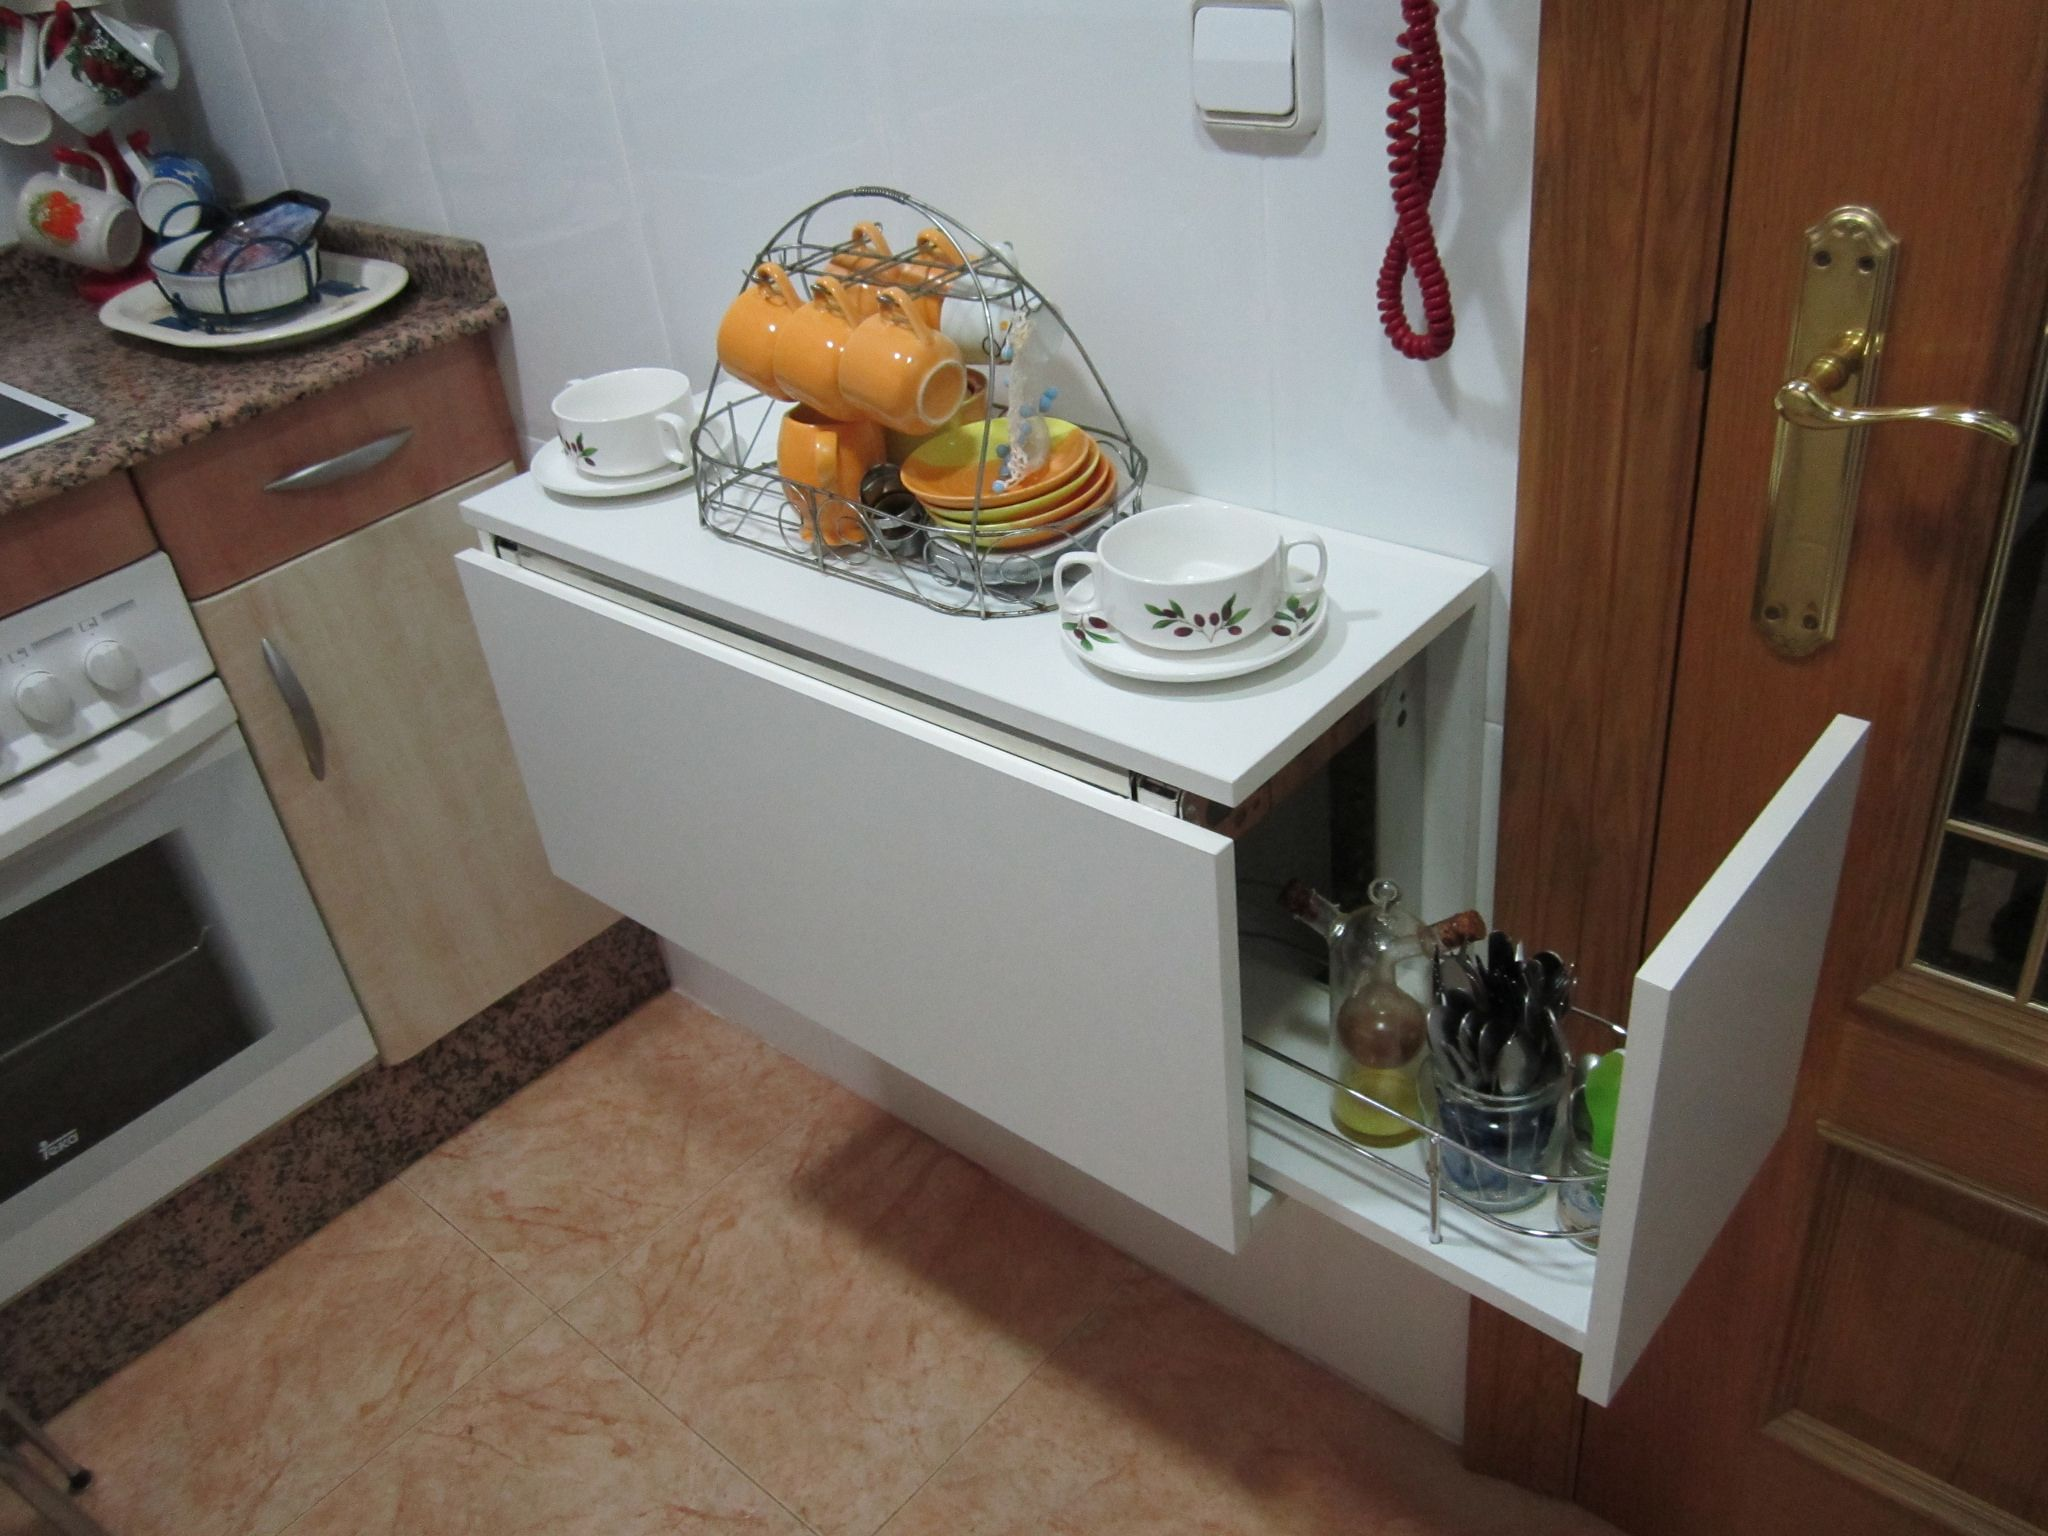 Mesa abatible en m dulo de cocina joster muebles for Mesa abatible cocina